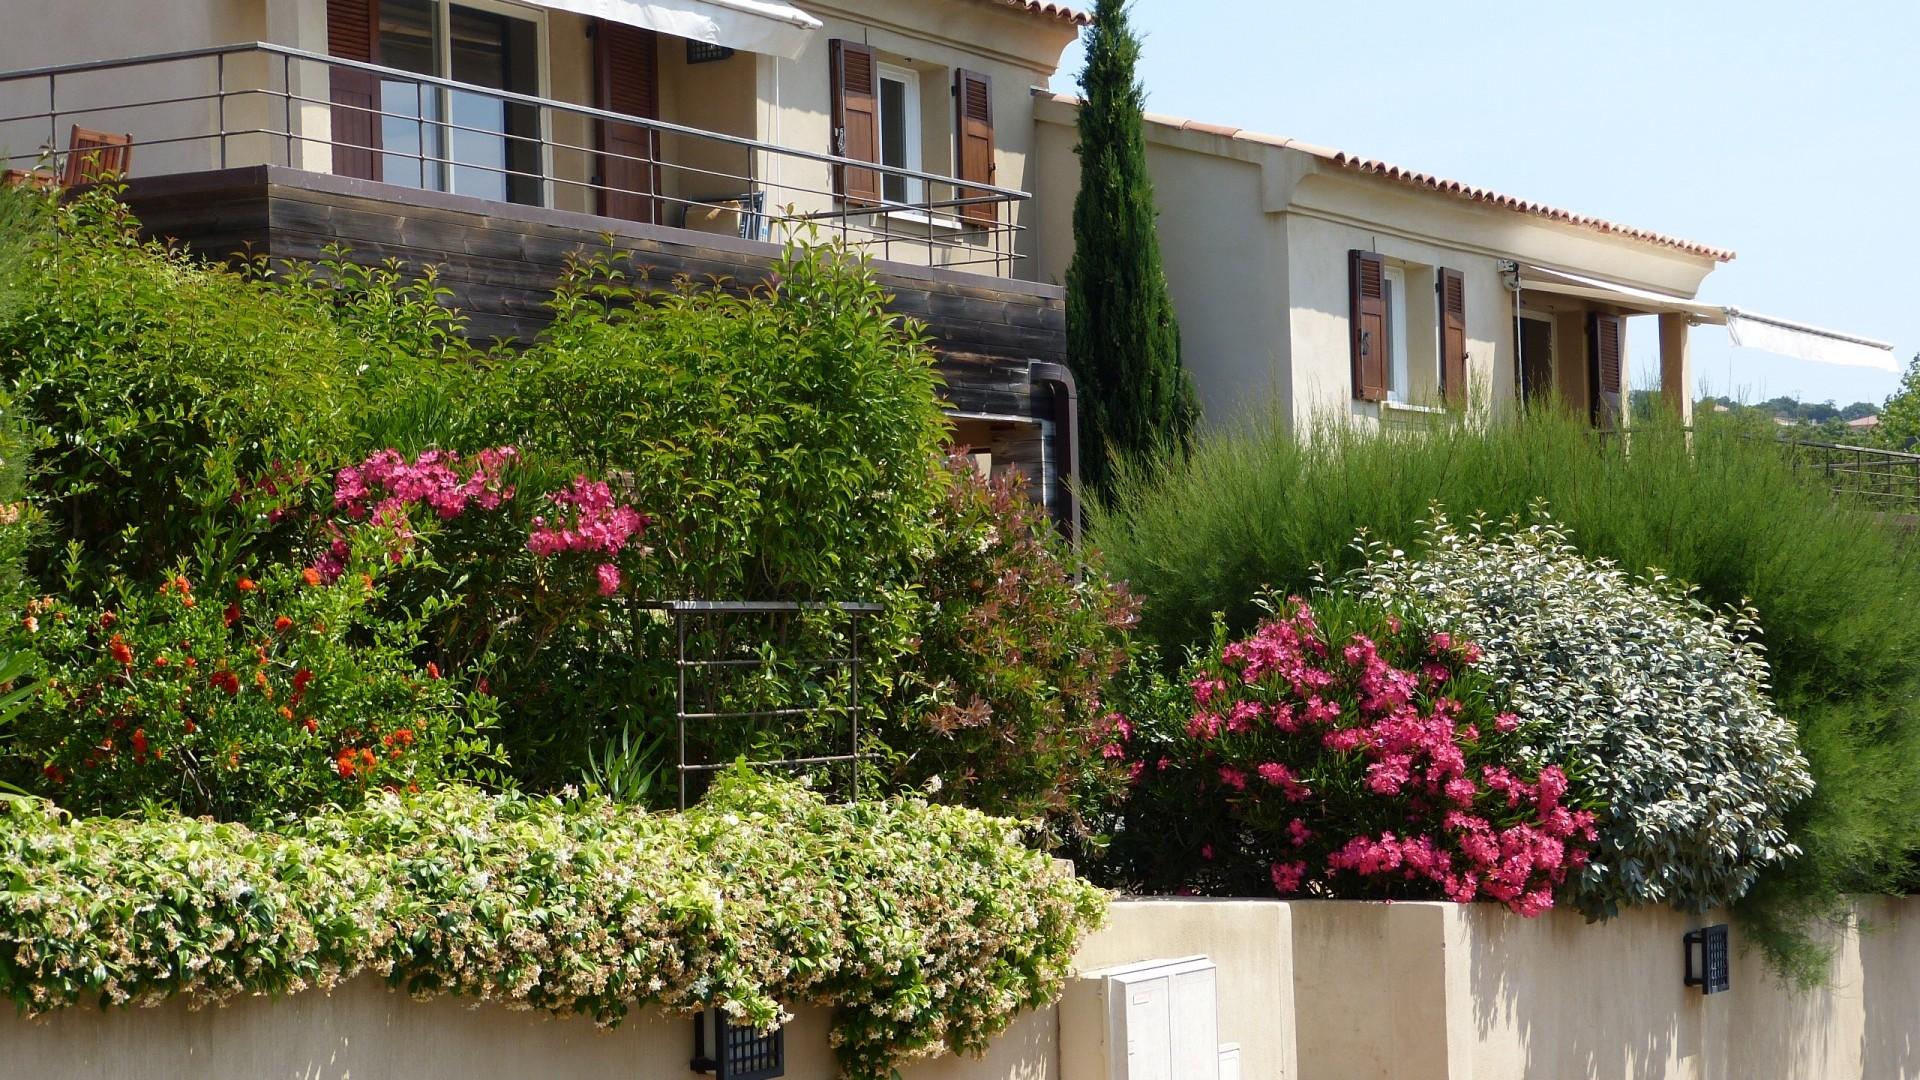 Corse locations,abri-corse